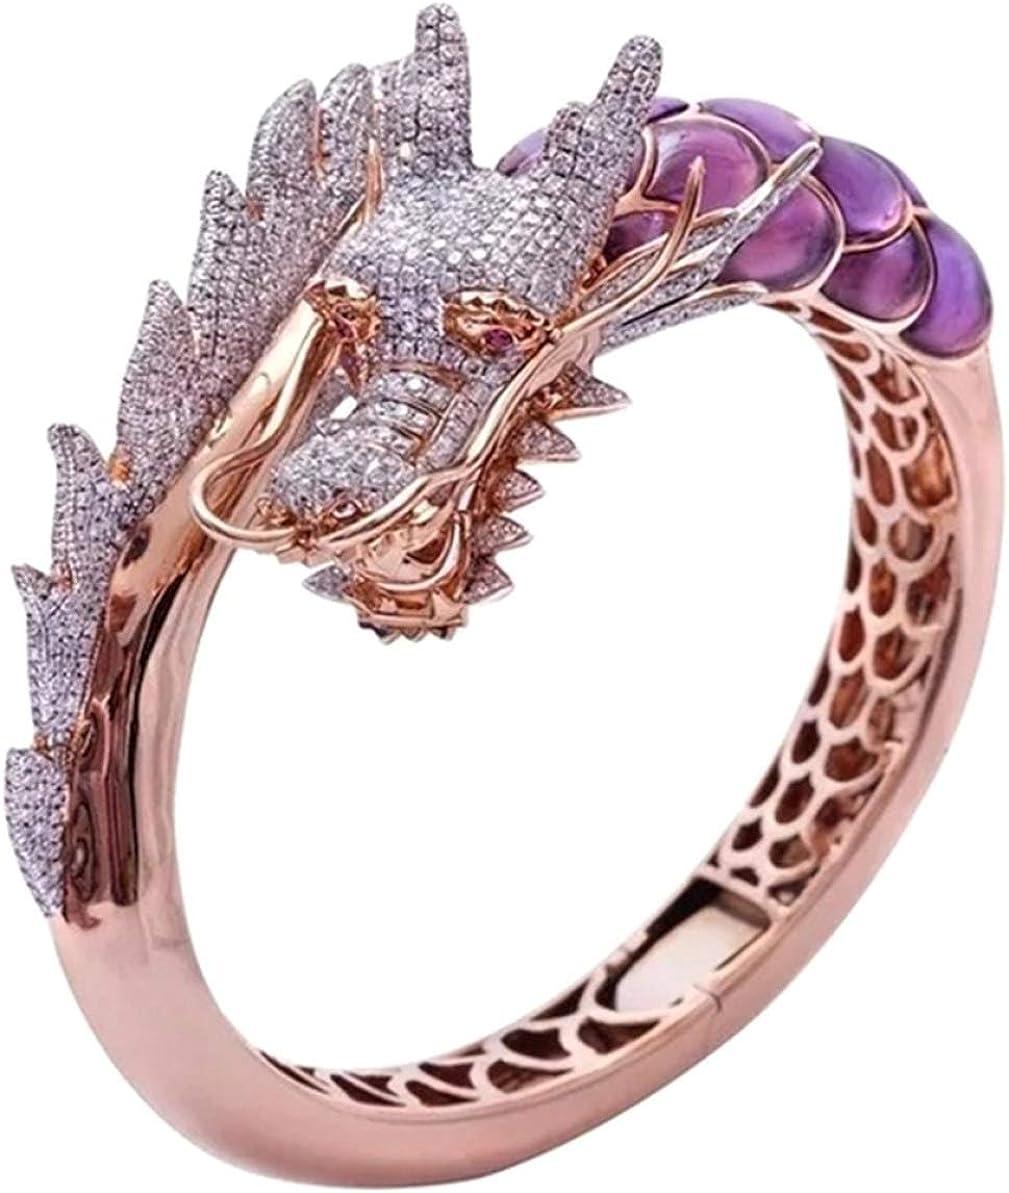 arret Middleton - Anillo de oro rosa de 14 quilates con piedra natural para boda, regalo de cumpleaños, diseño de dragón hip hop, talla 5-10 (Ninguno 5 GD)